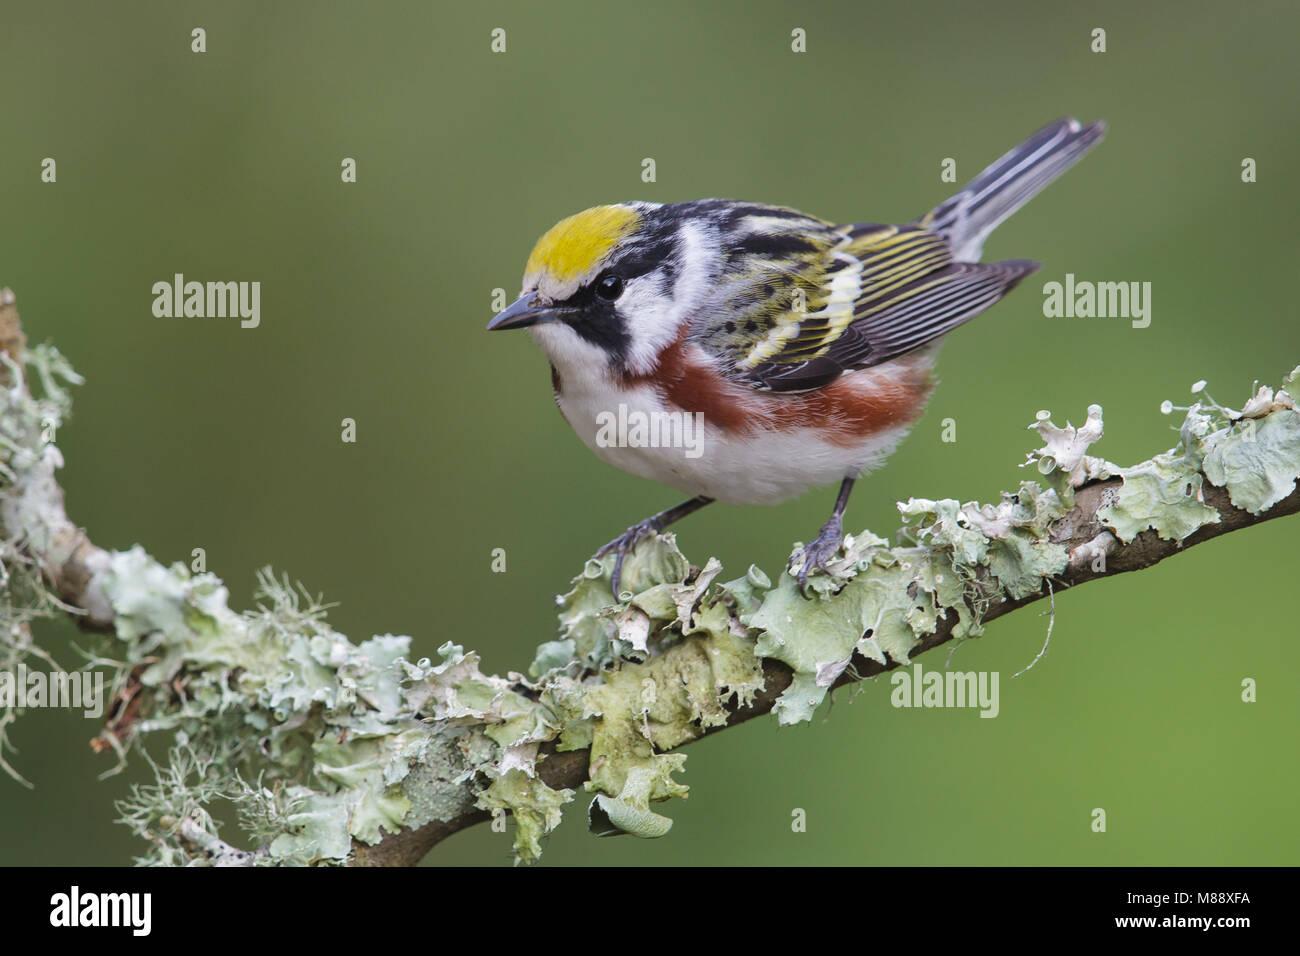 Mannetje Roestflankzanger, Male Chestnut-sided Warbler Stock Photo